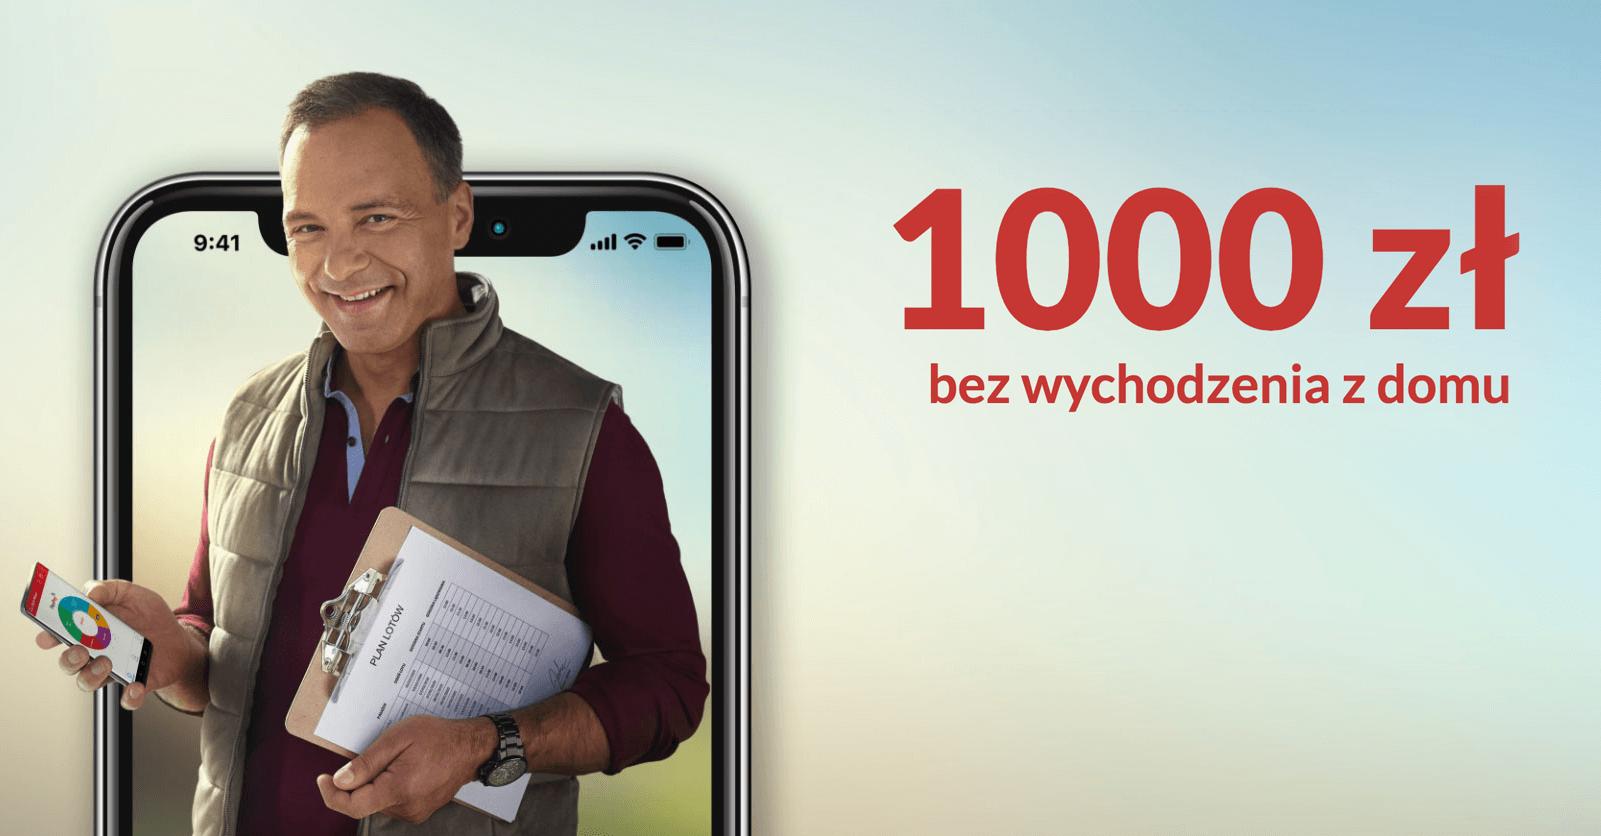 1000 zł premii za założenie Konta Przekorzystnego Biznes od Pekao S.A. (+200 zł za konto osobiste)